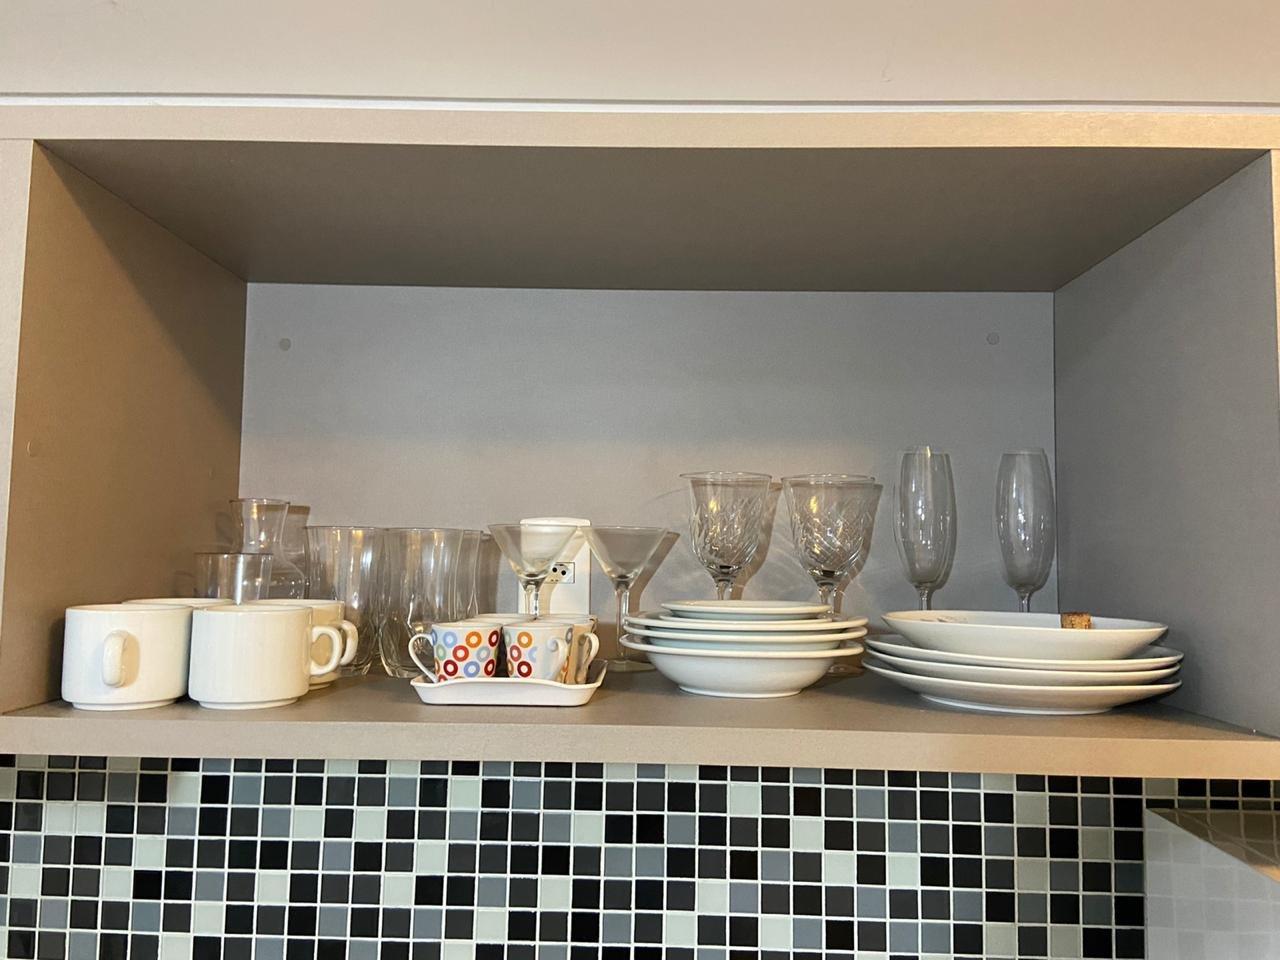 Foto de Cozinha com tigela, copo de vinho, xícara